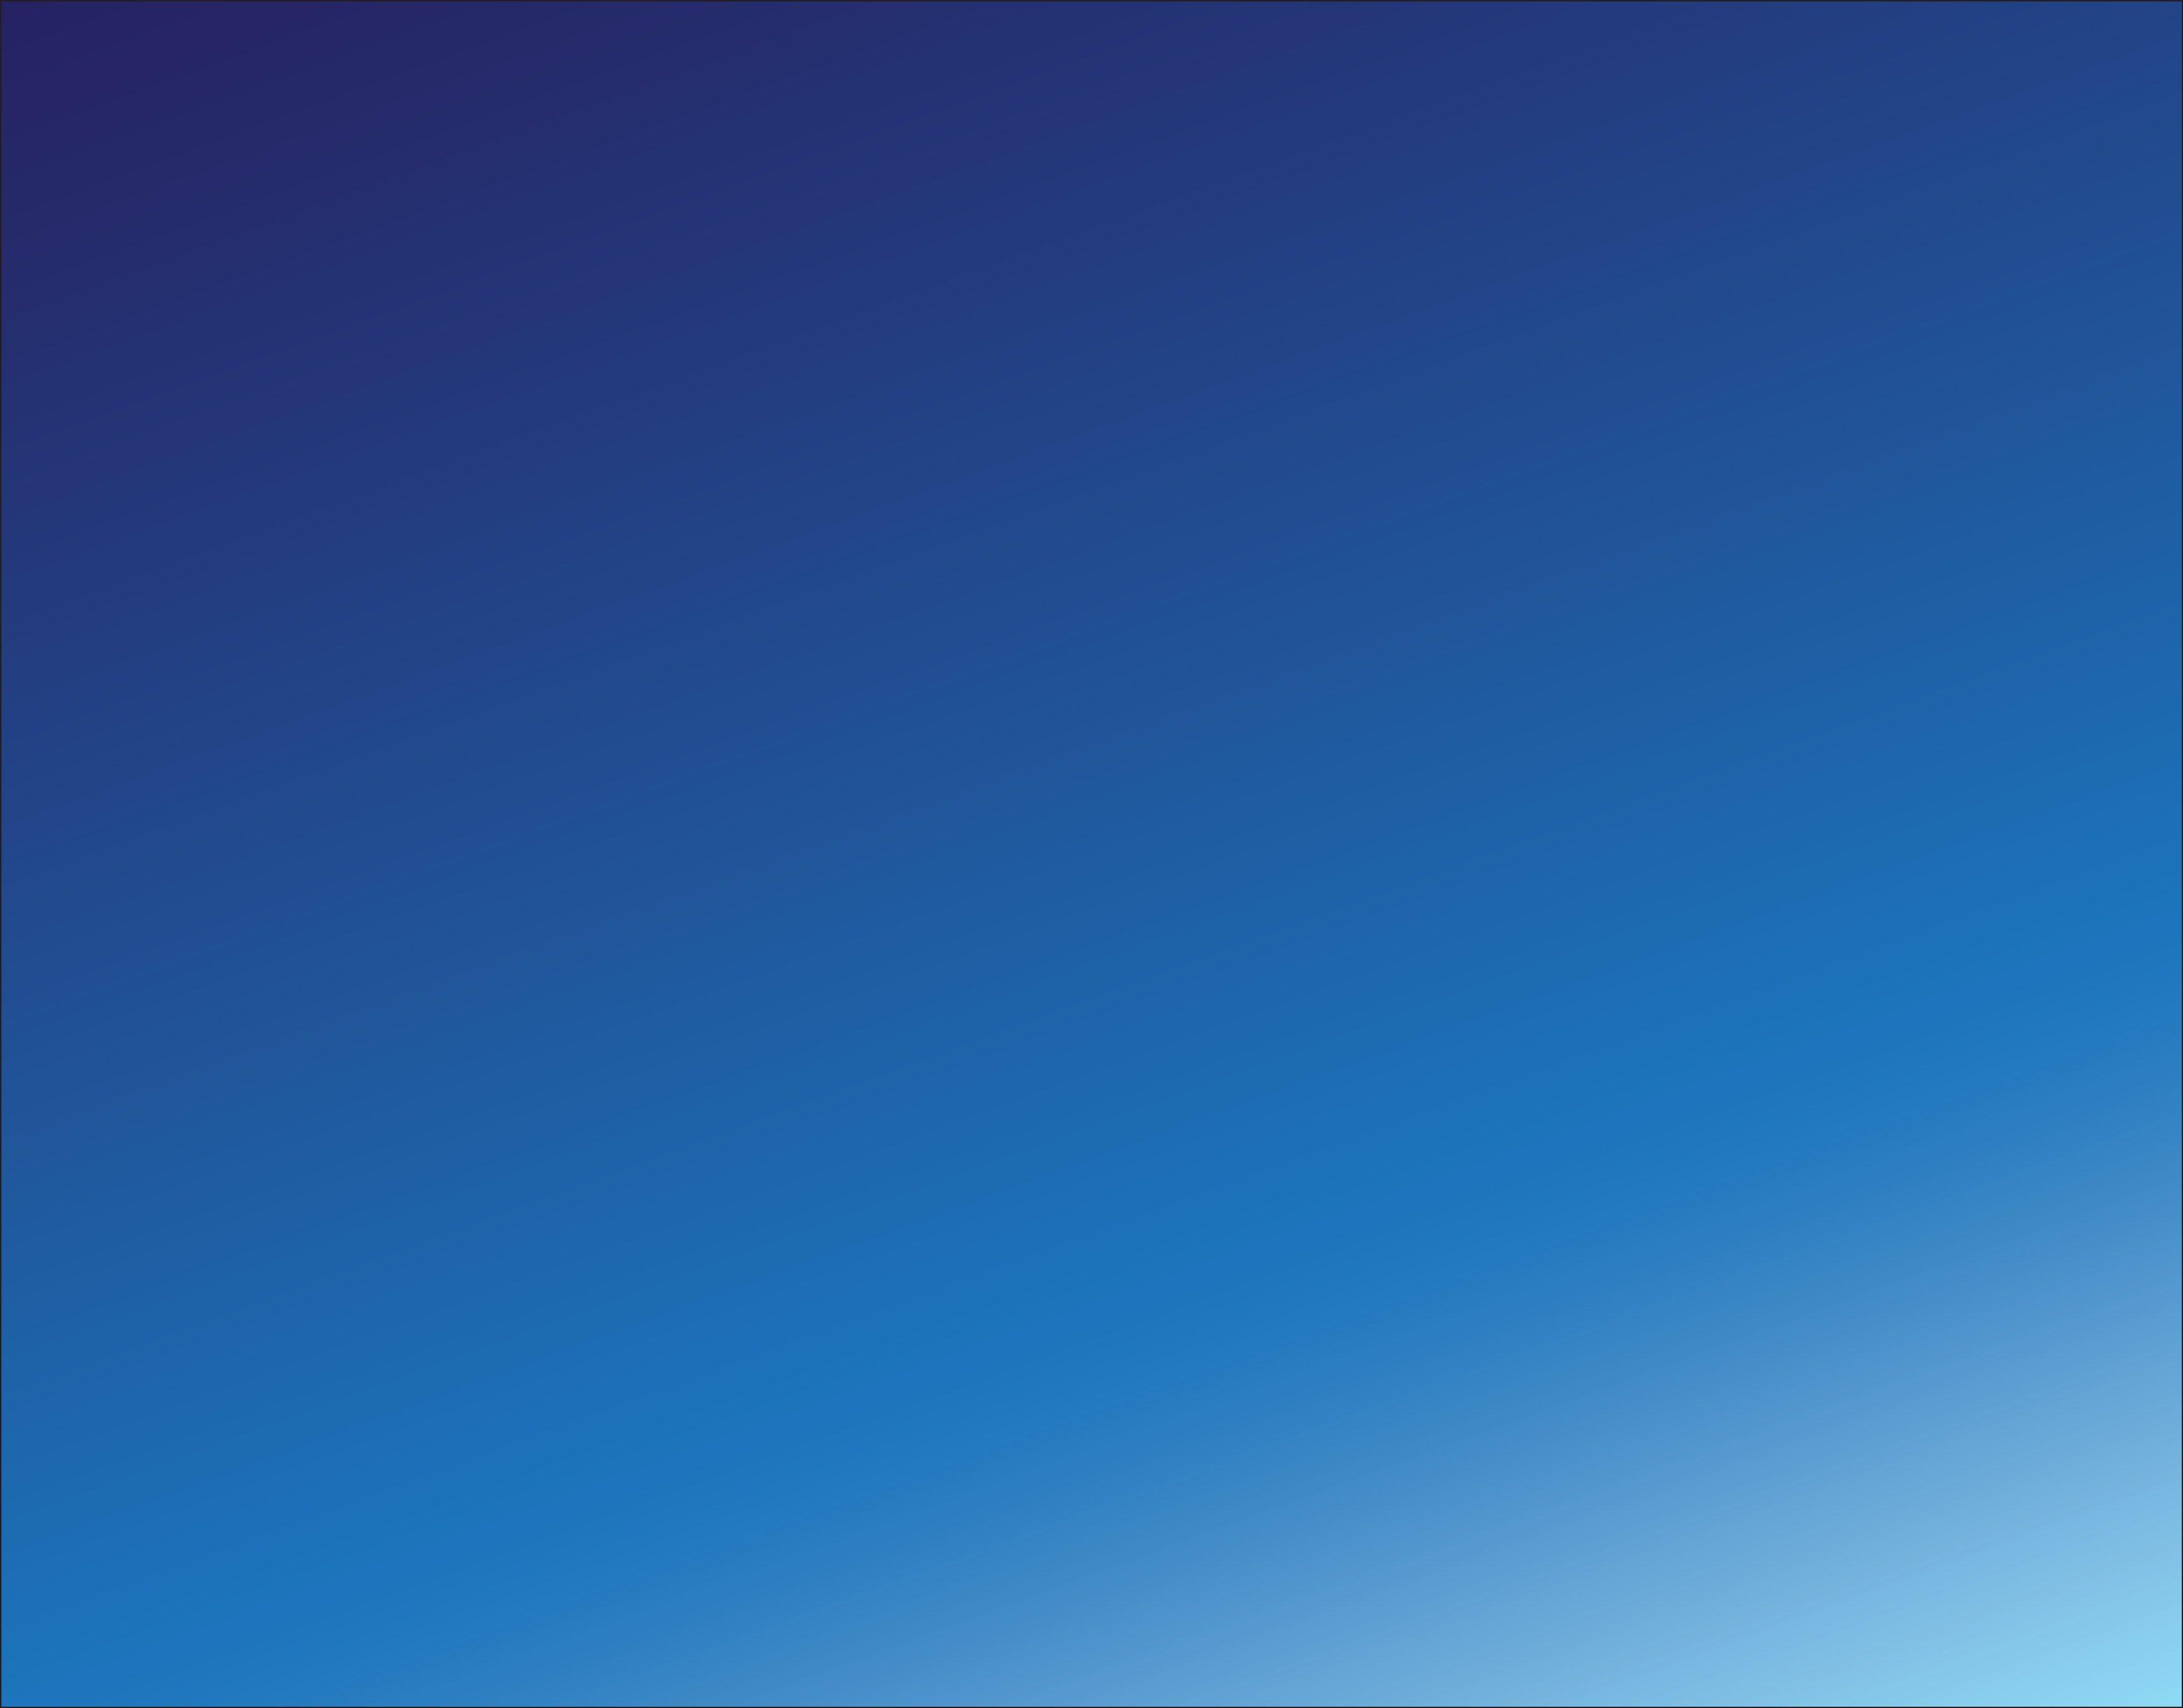 Dark_Blue_Gradient_Background-01